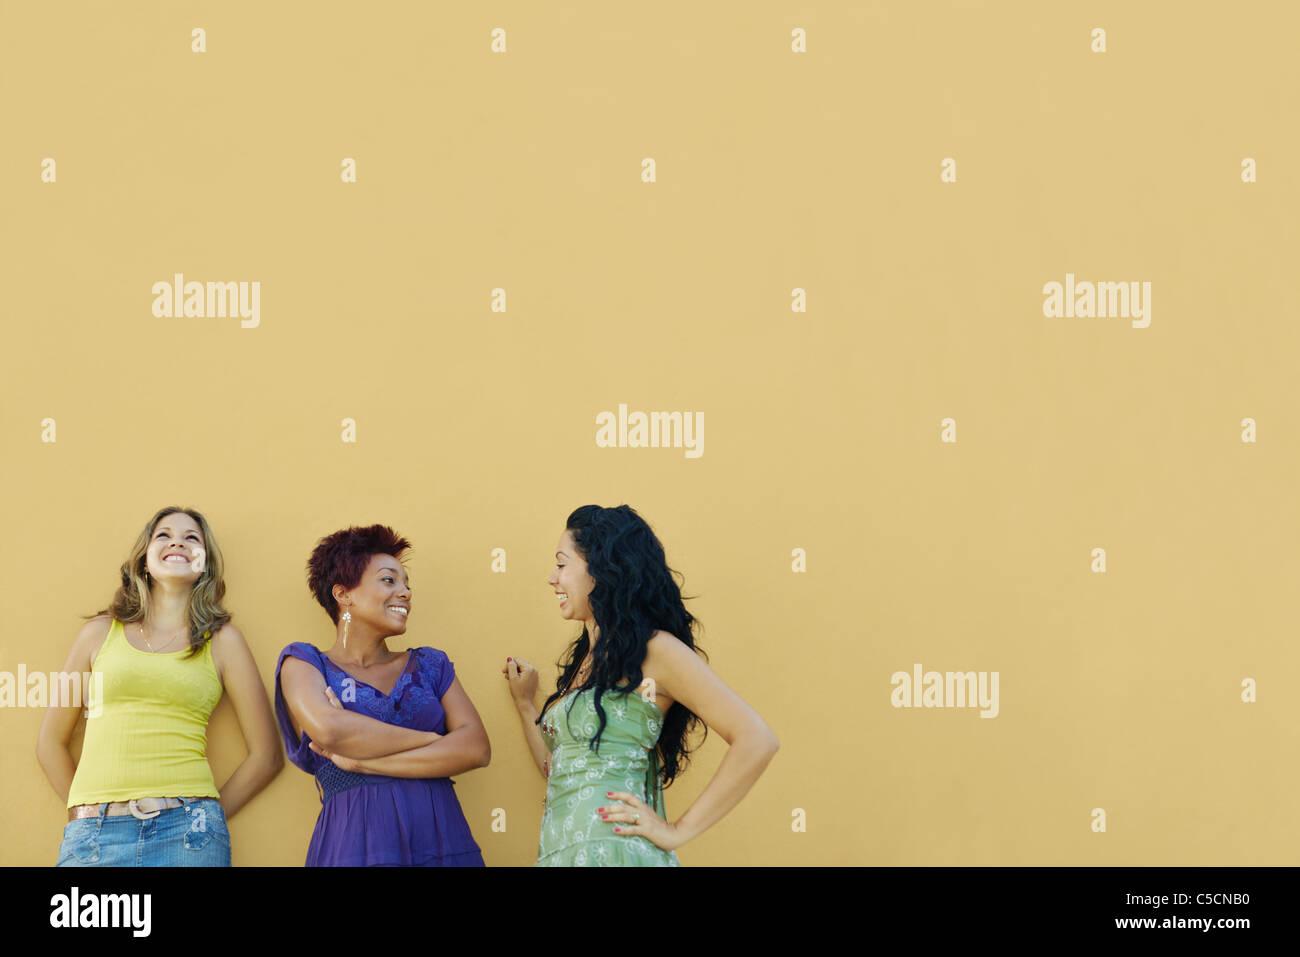 Gruppe von drei spanischen Freundinnen auf gelbe Wand gelehnt und lachen. Horizontale Form, Hüfte aufwärts Stockbild